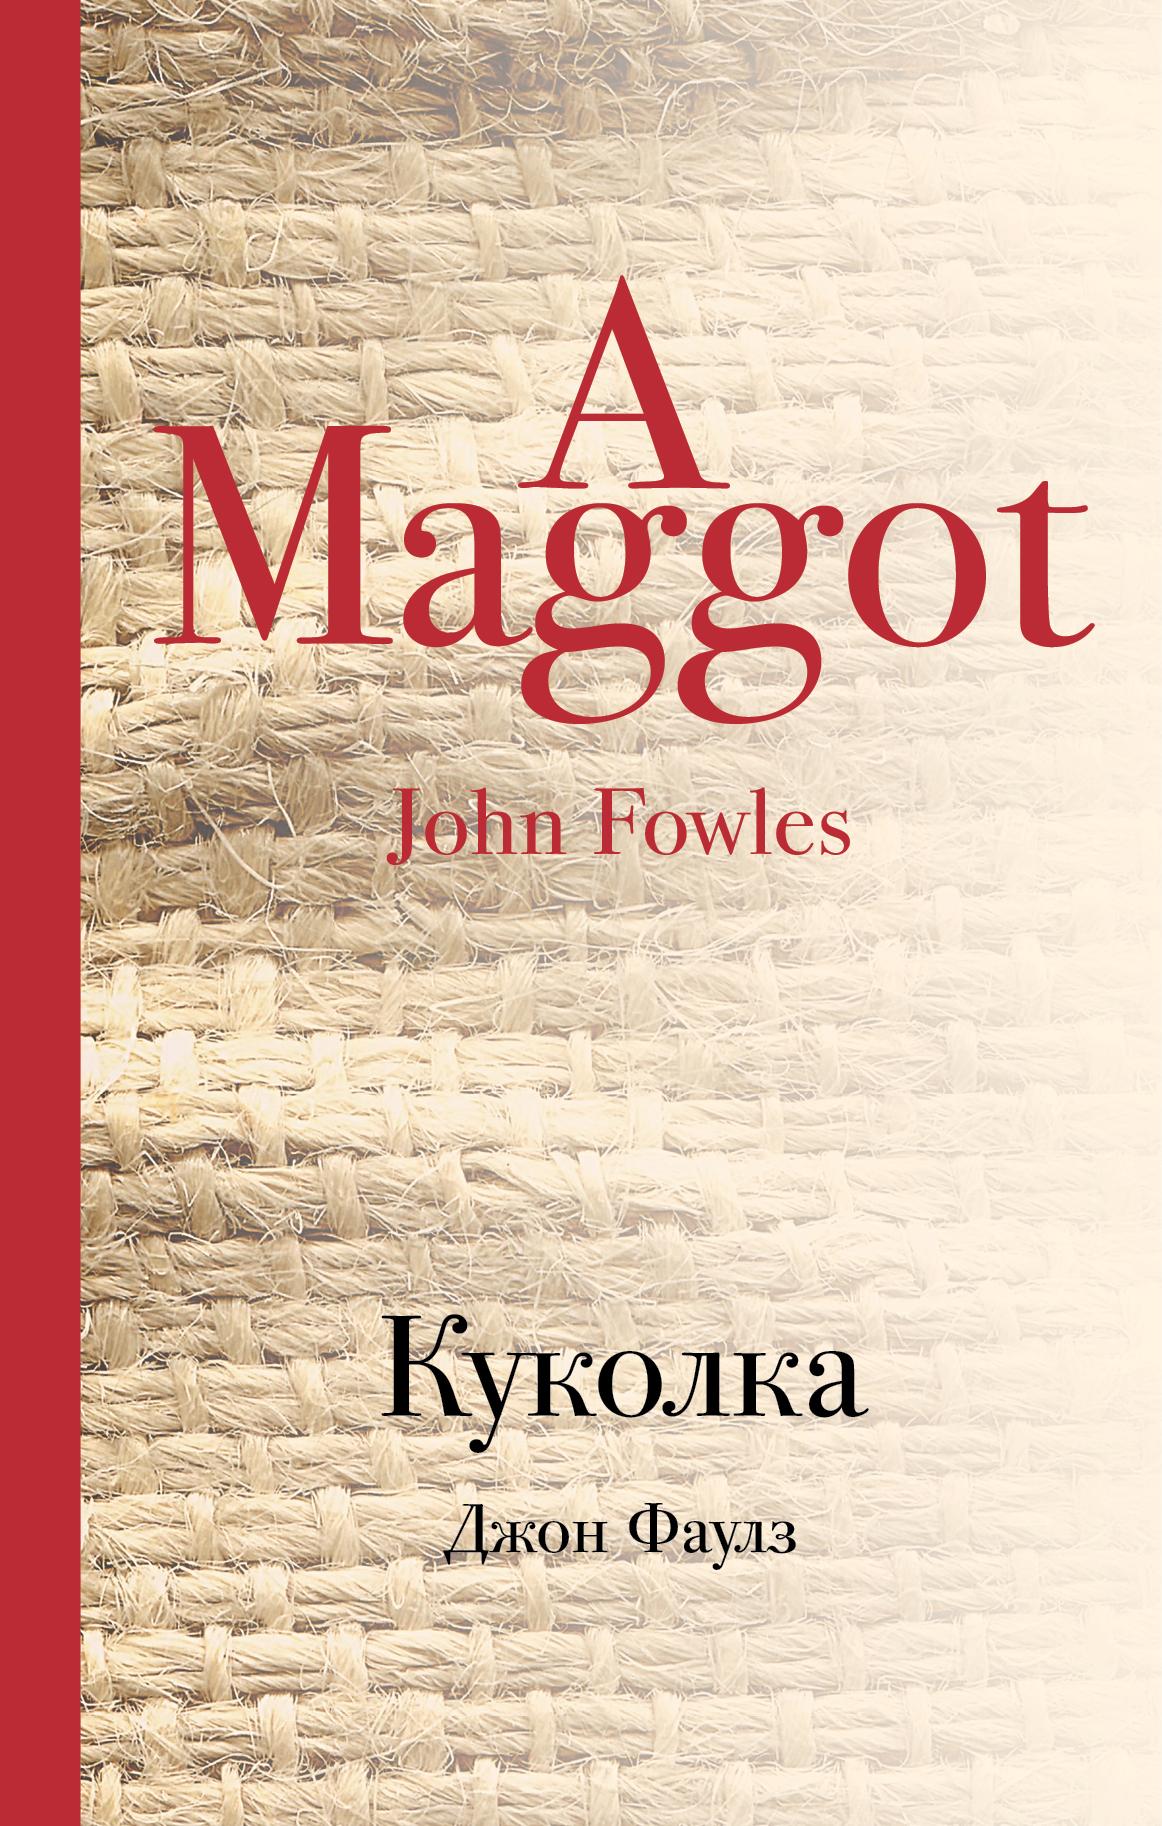 Дж. Фаулз Куколка / A Maggot